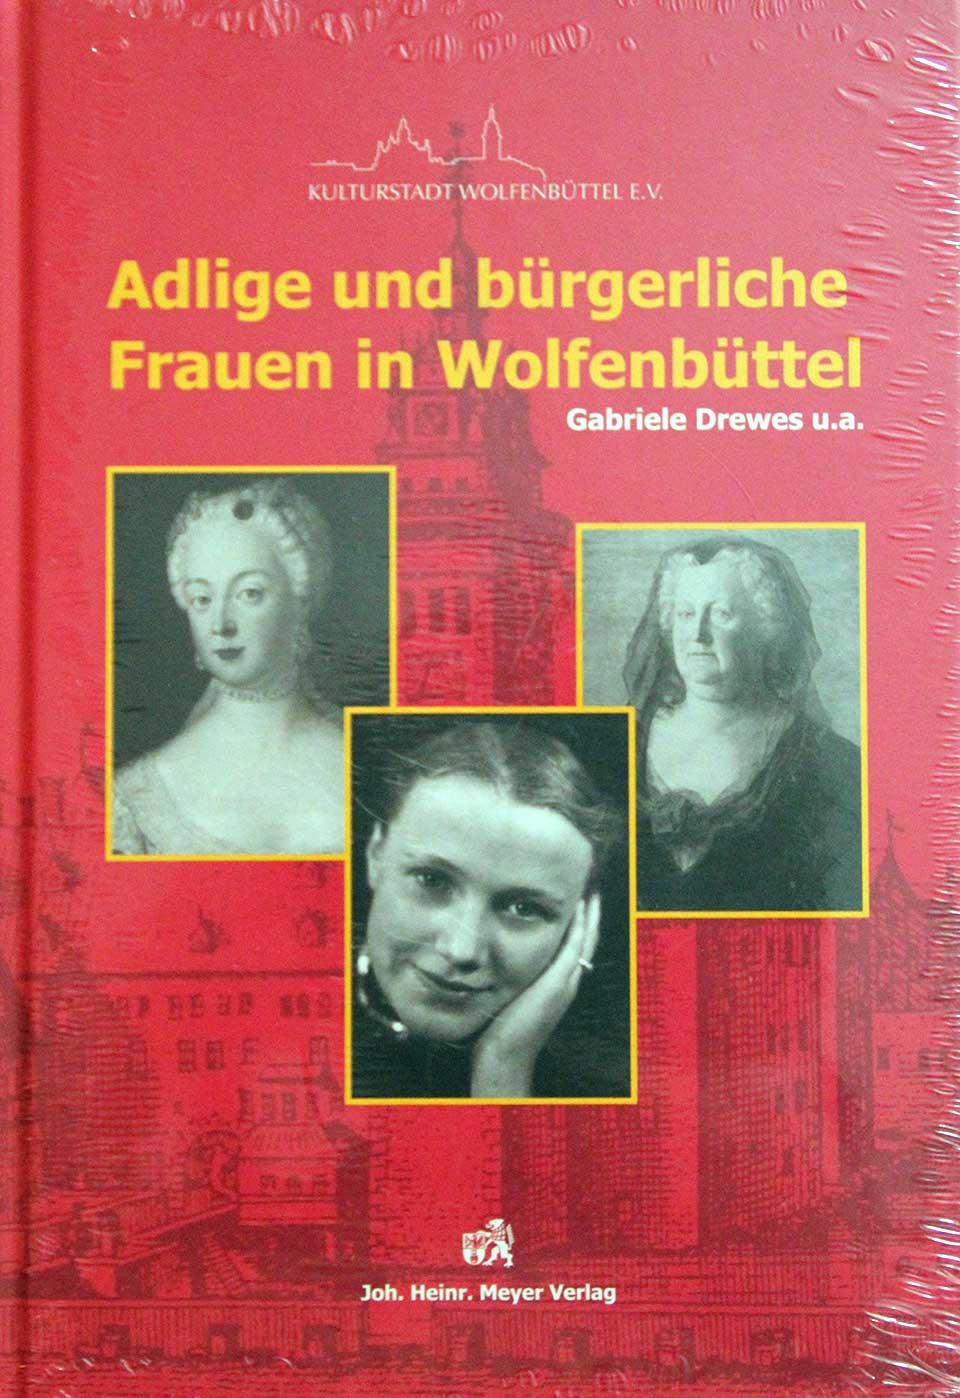 Adlige und bürgerliche Frauen in Wolfenbüttel